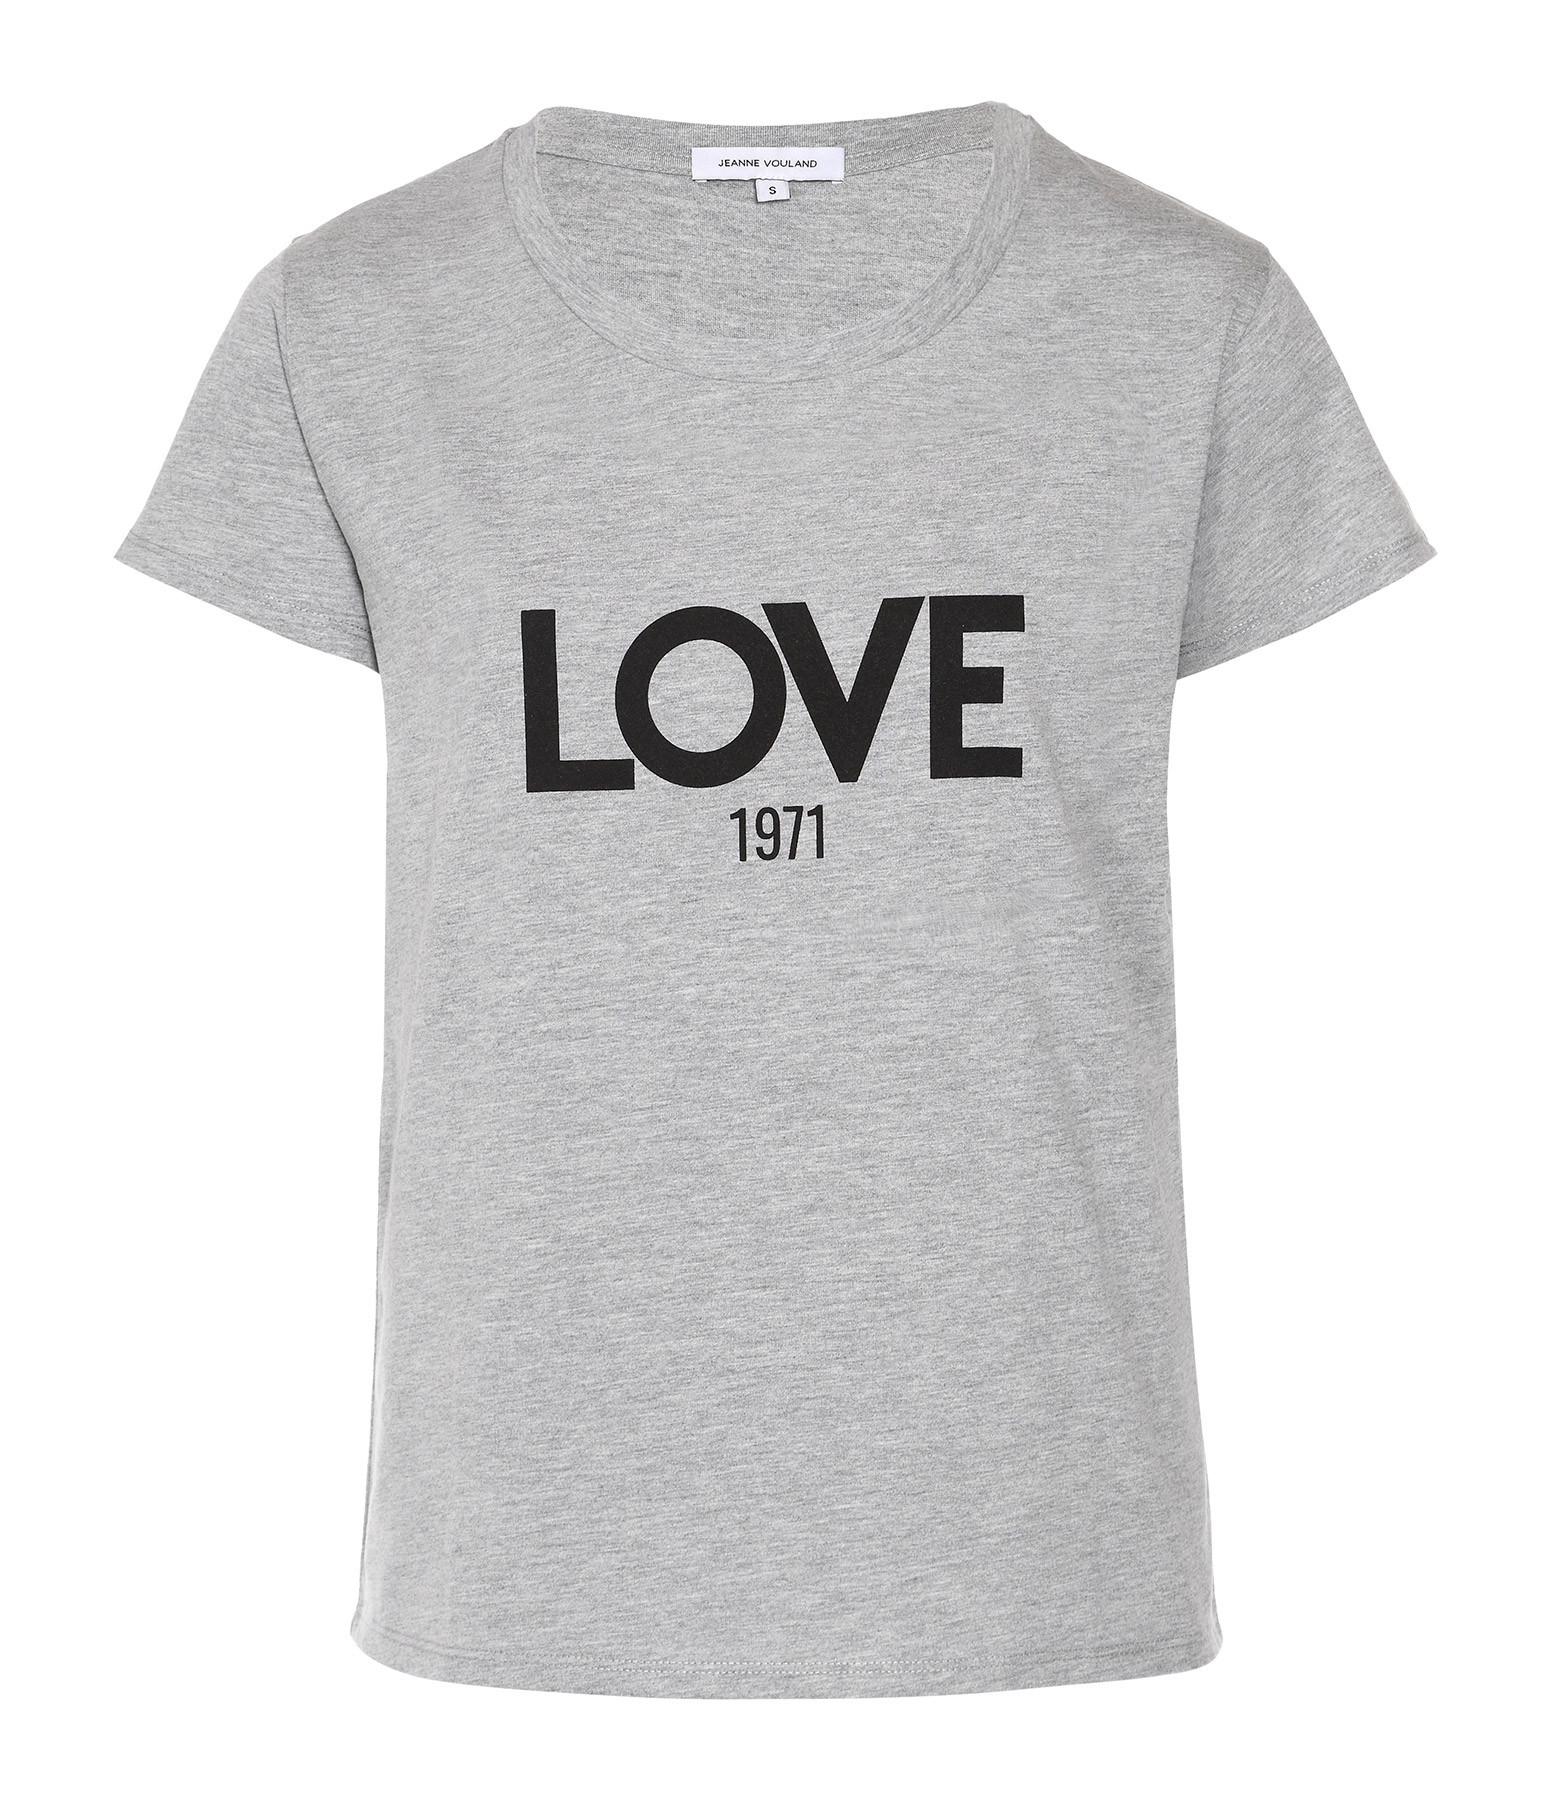 JEANNE VOULAND - Tee-shirt Ben Love 1971 Gris Imprimé Noir